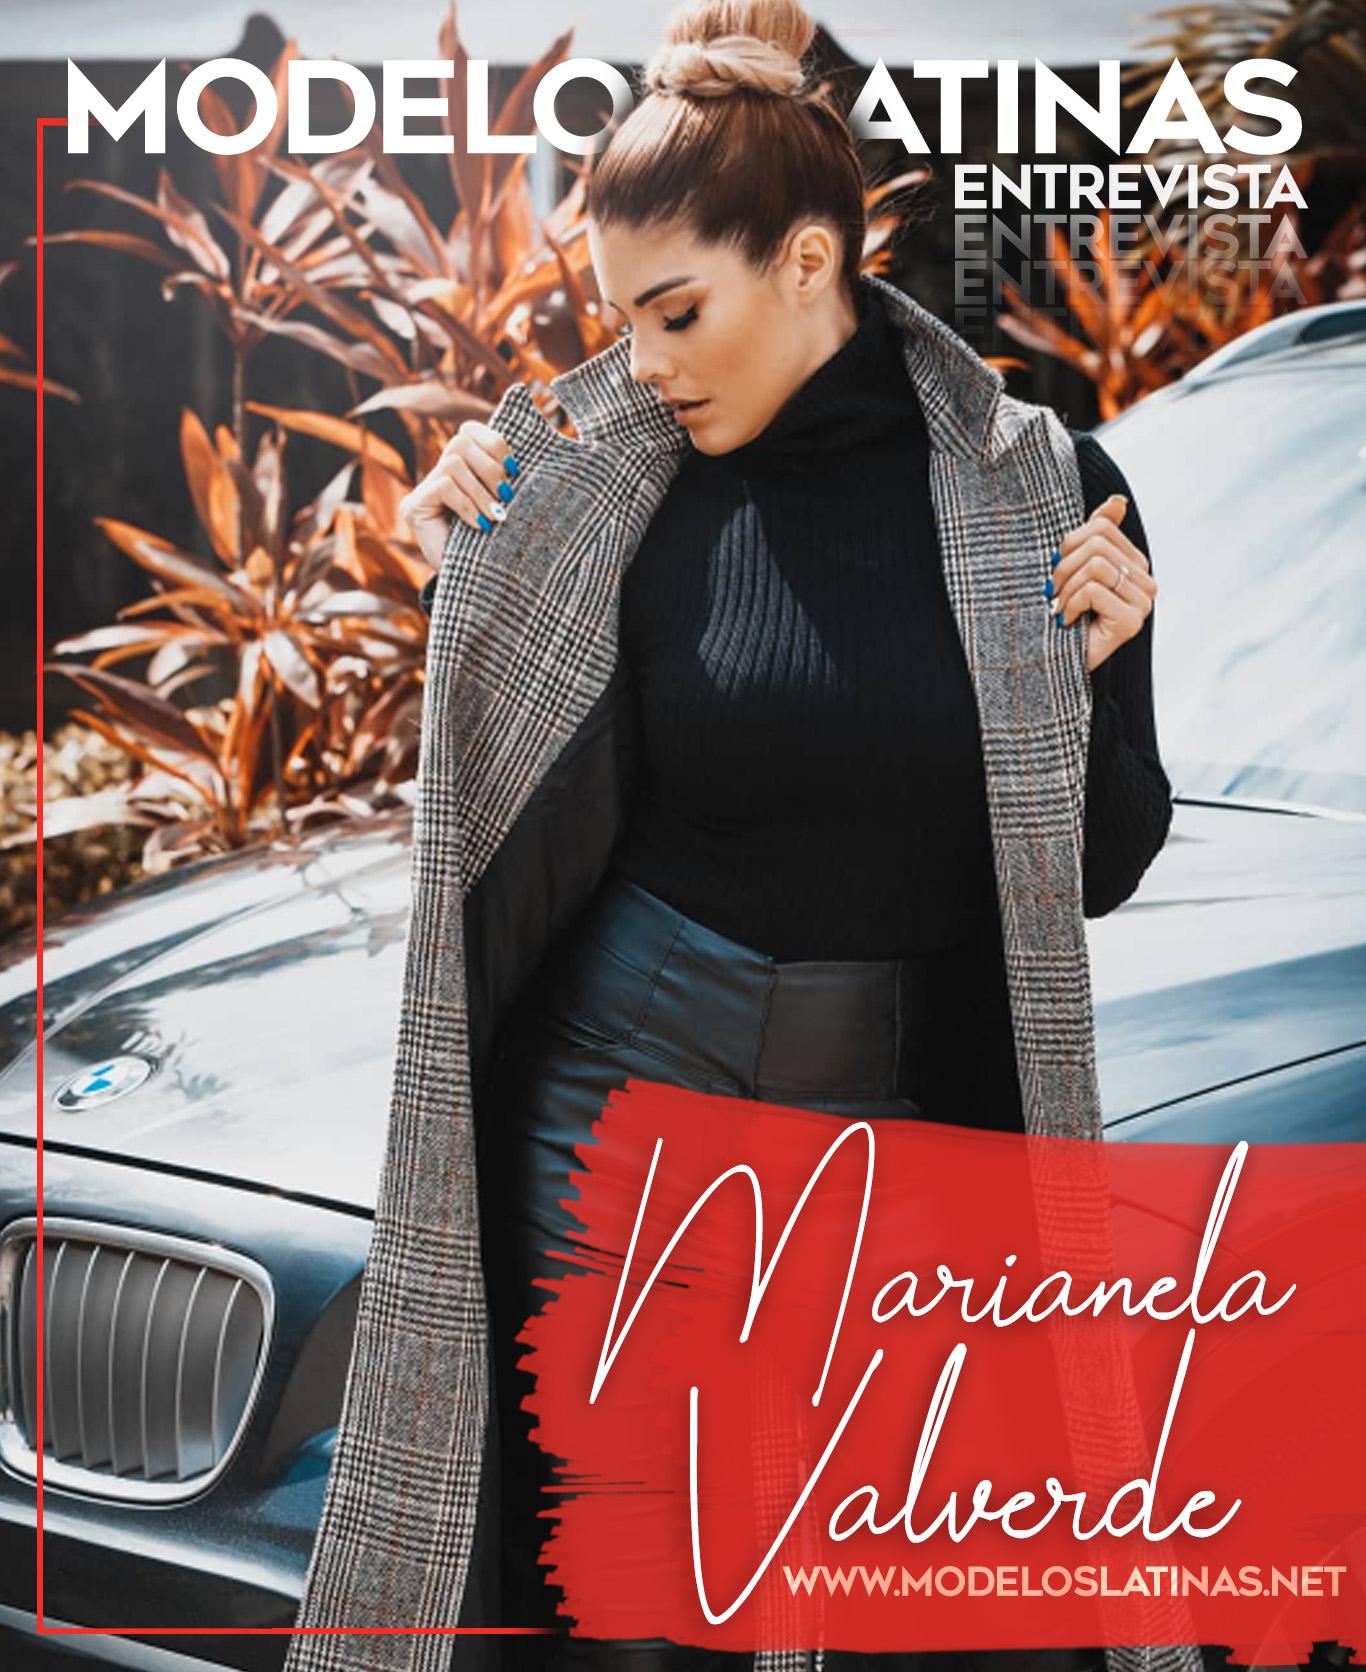 Marianela Valverde